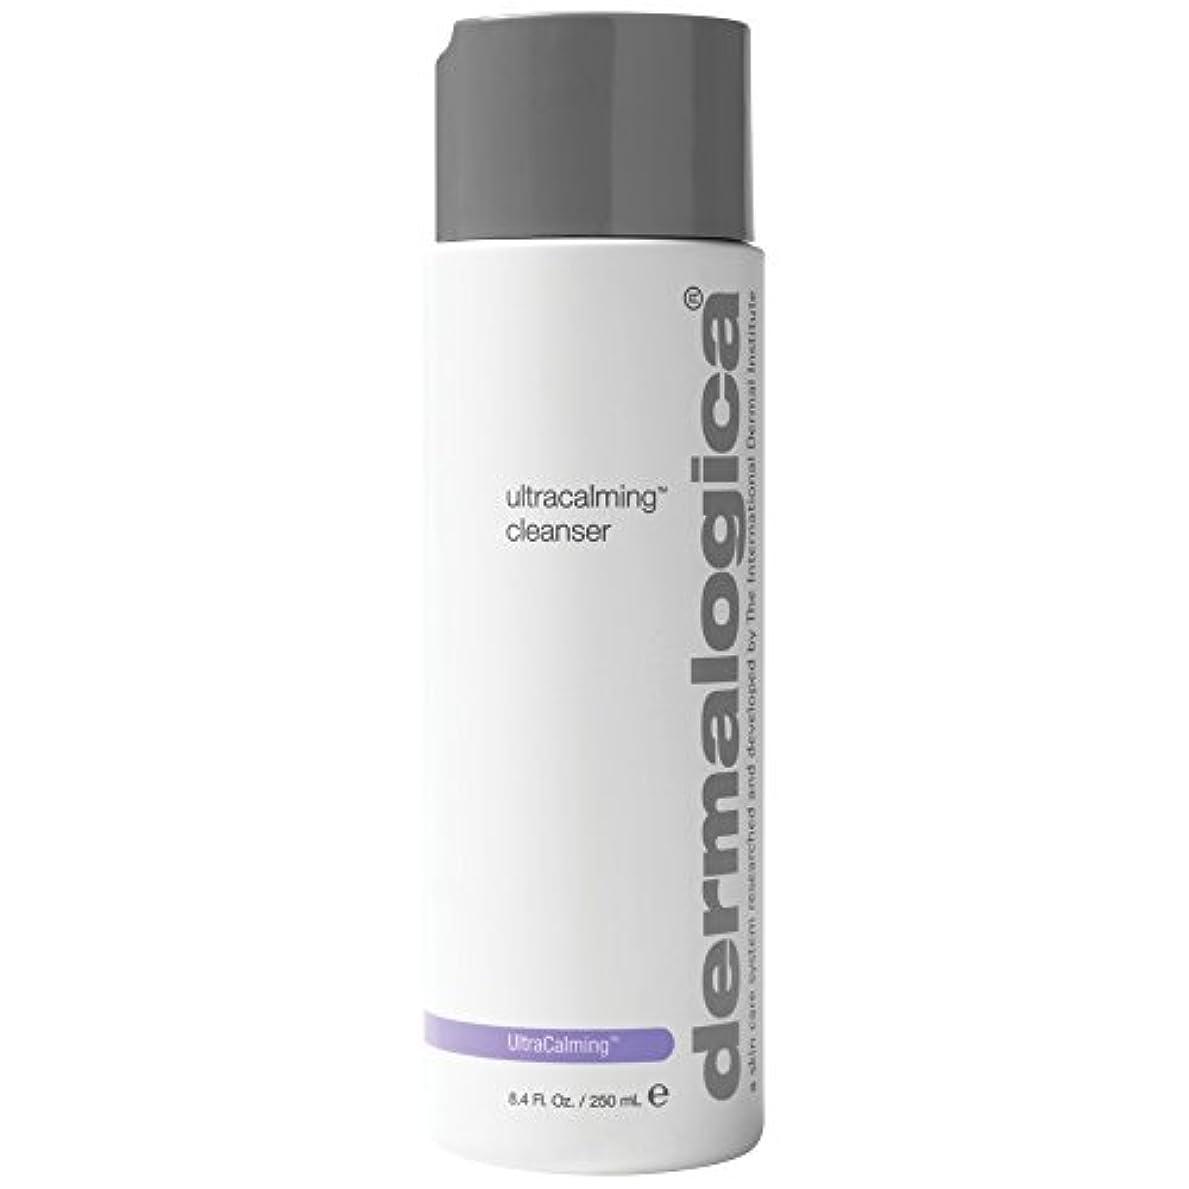 休暇フルーティー迷路ダーマロジカUltracalming?クレンザーの250ミリリットル (Dermalogica) (x6) - Dermalogica UltraCalming? Cleanser 250ml (Pack of 6) [...